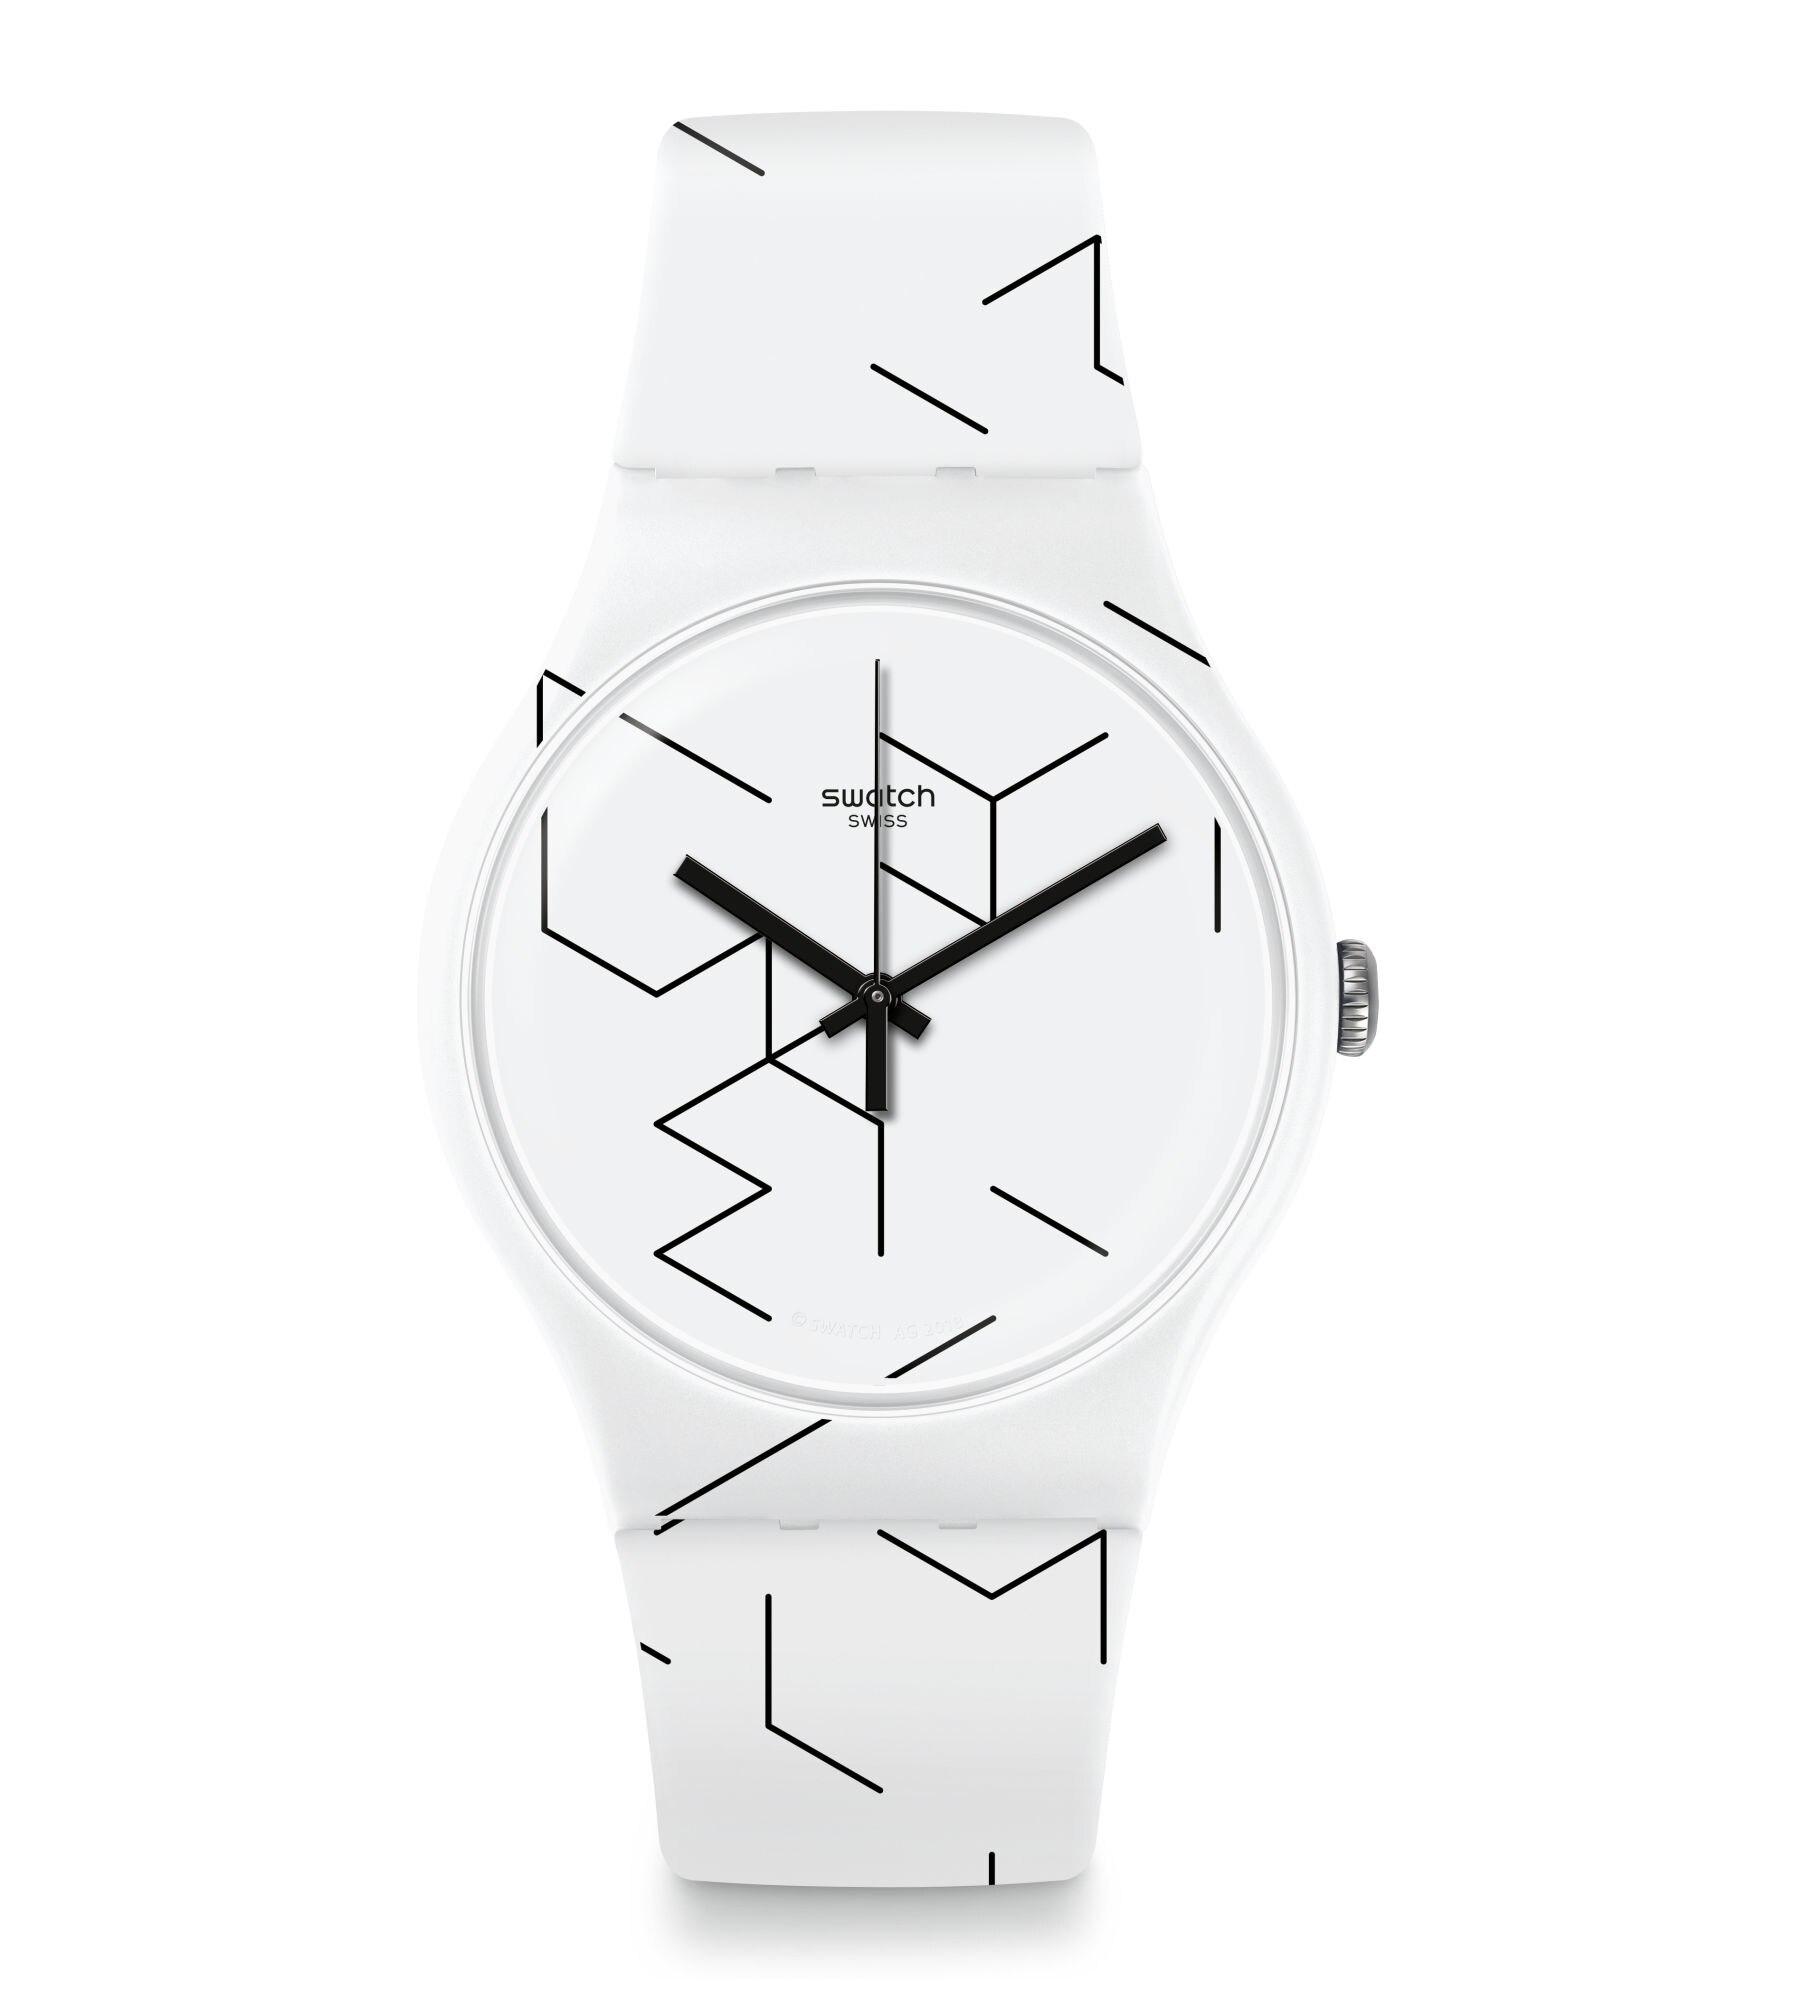 Zegarek biały Swatch damski/męski UNIKATOWY wzór